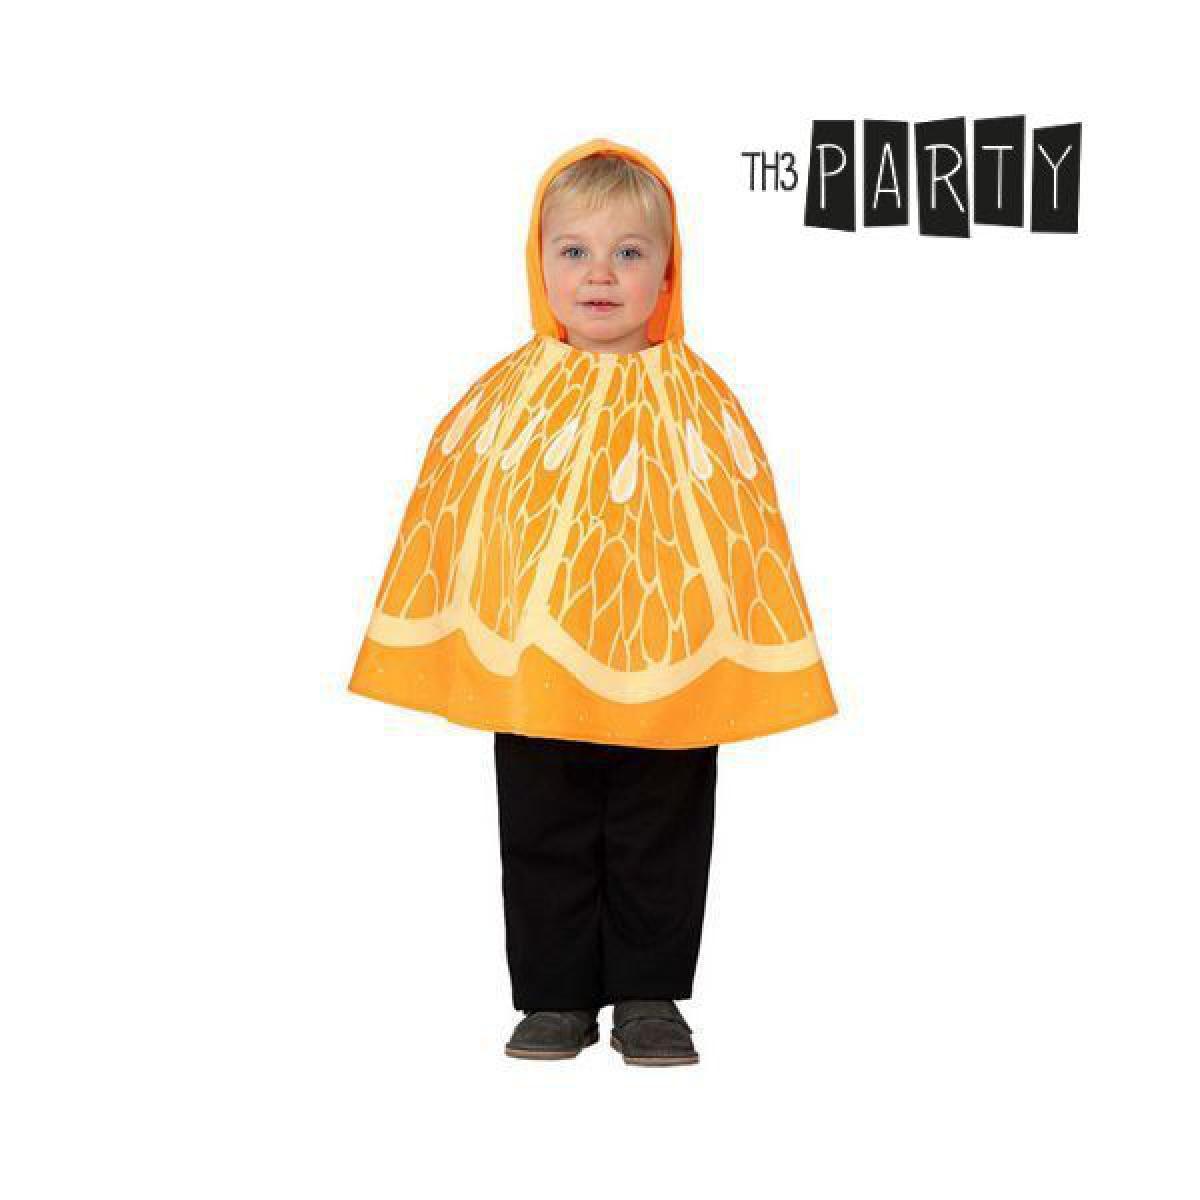 Totalcadeau Déguisement pour bébé orange - costume Pas cher